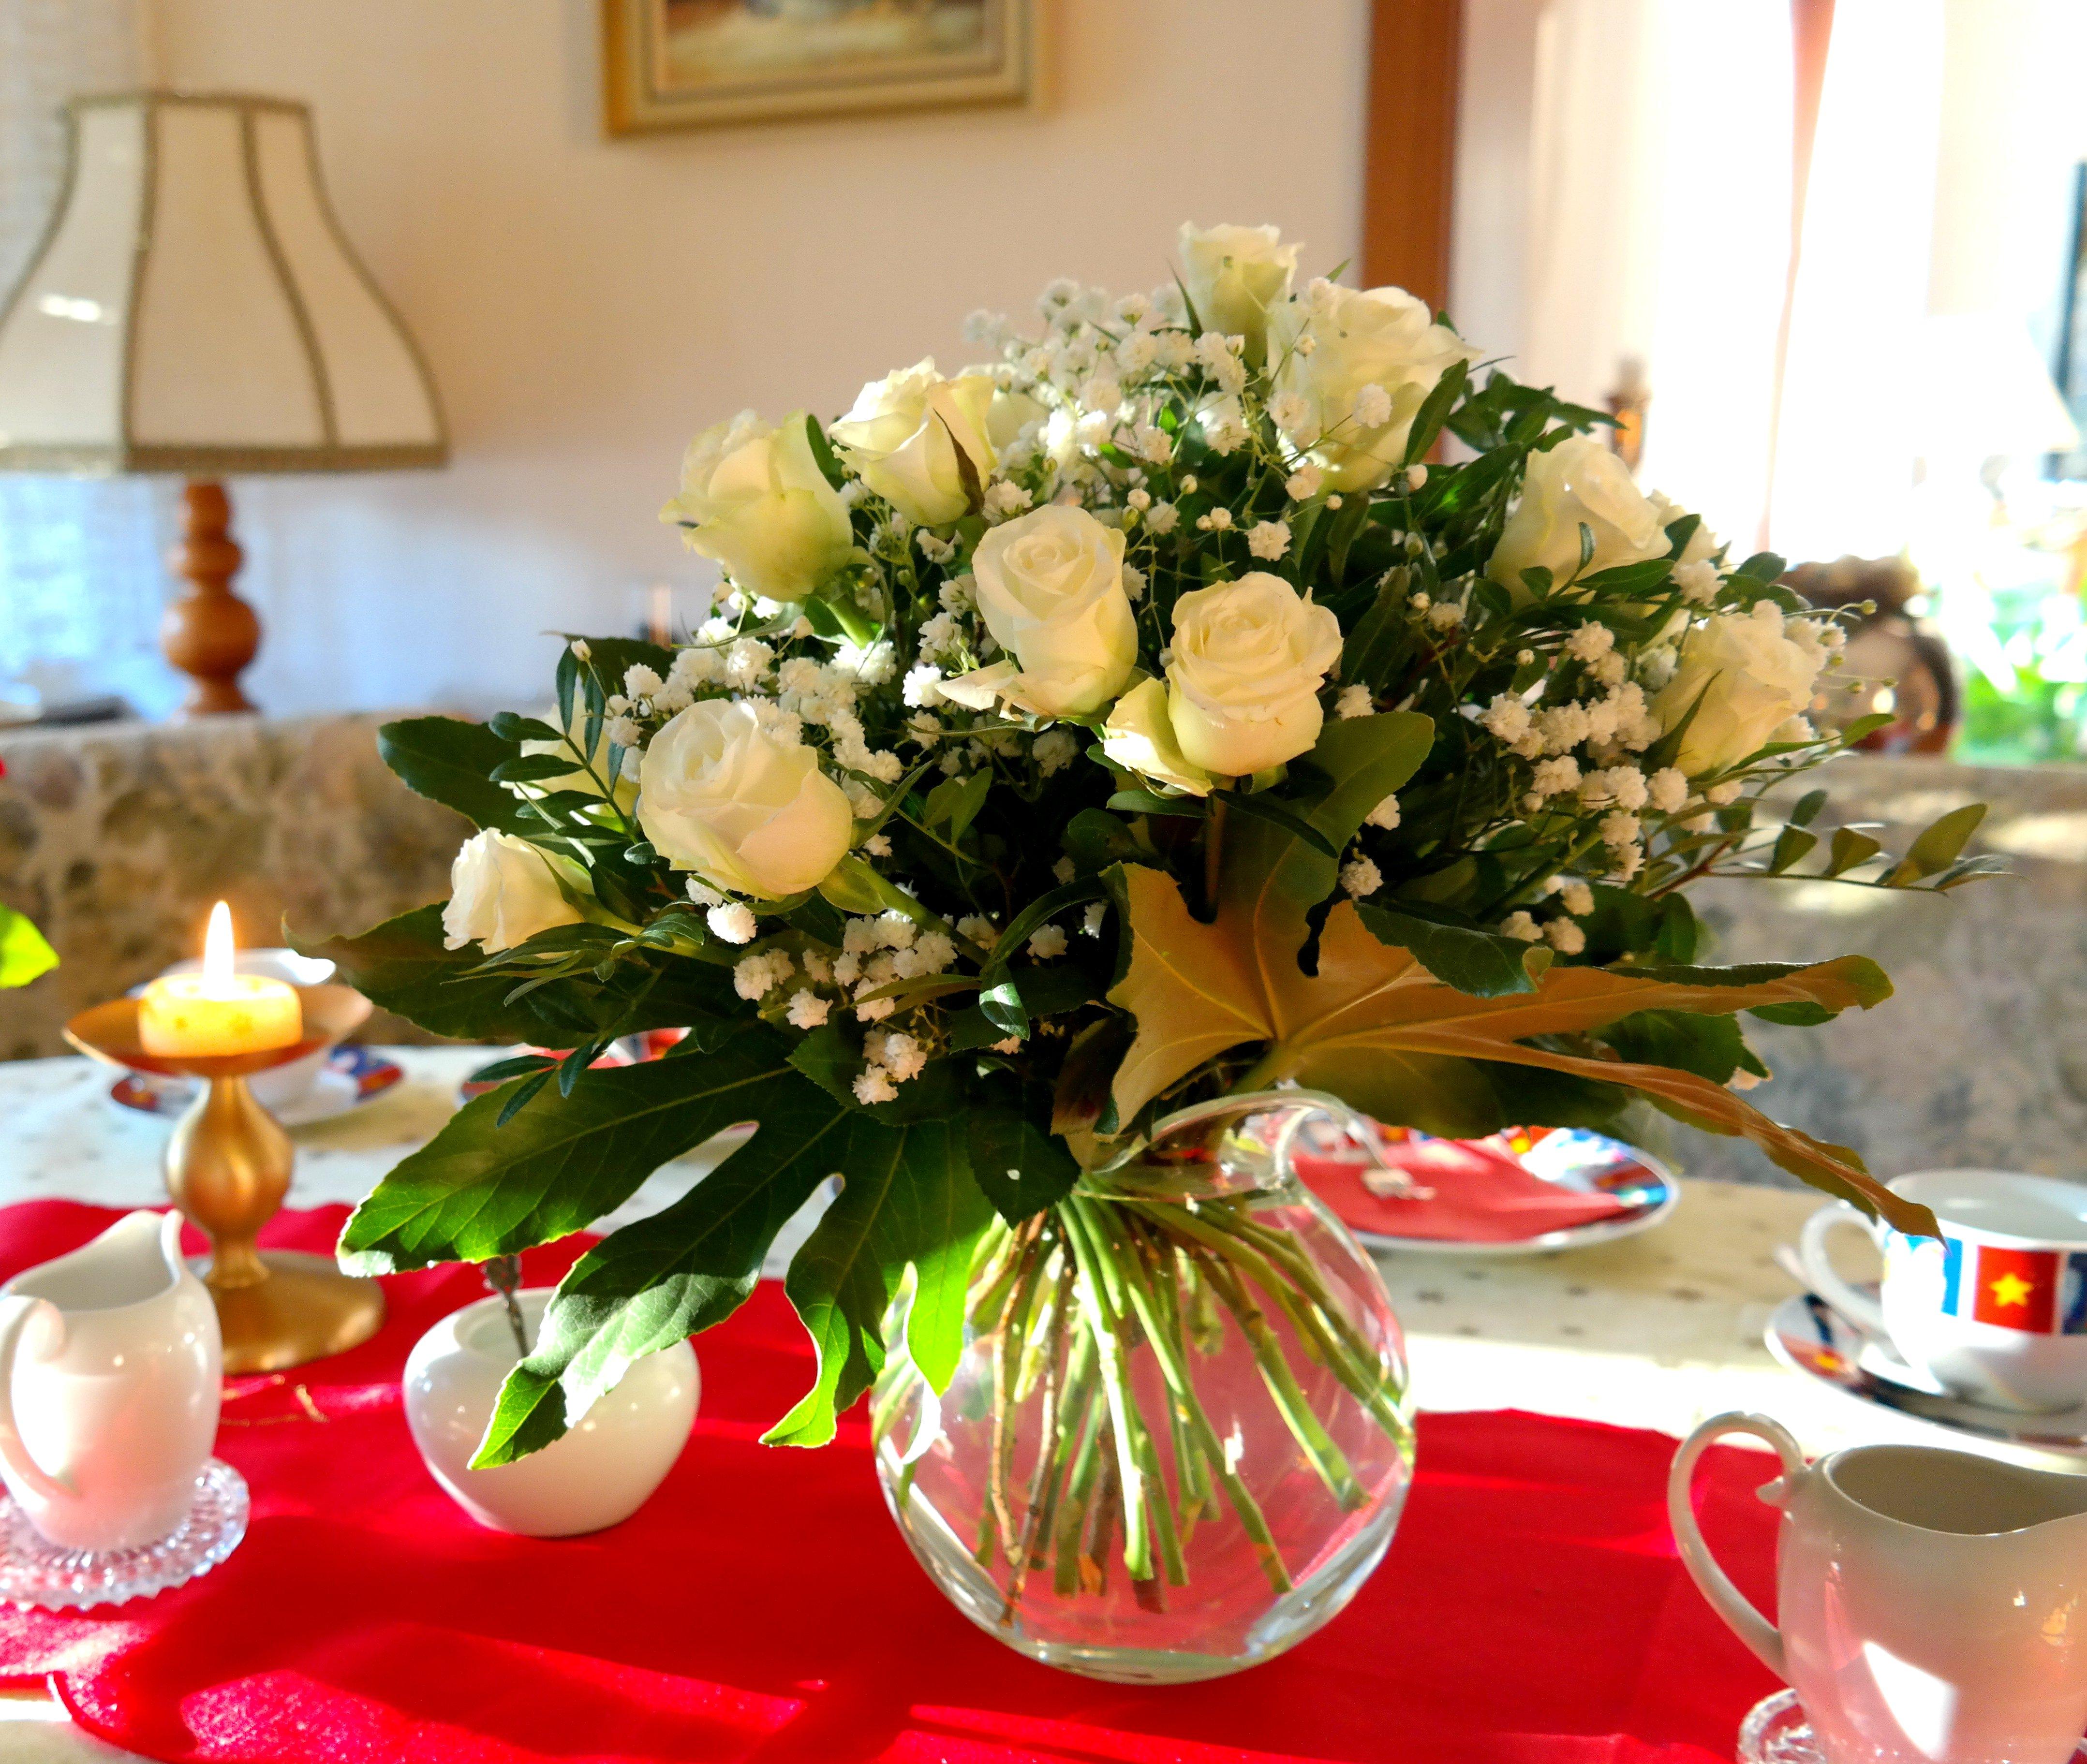 Buchetele de flori dau o stare de bine